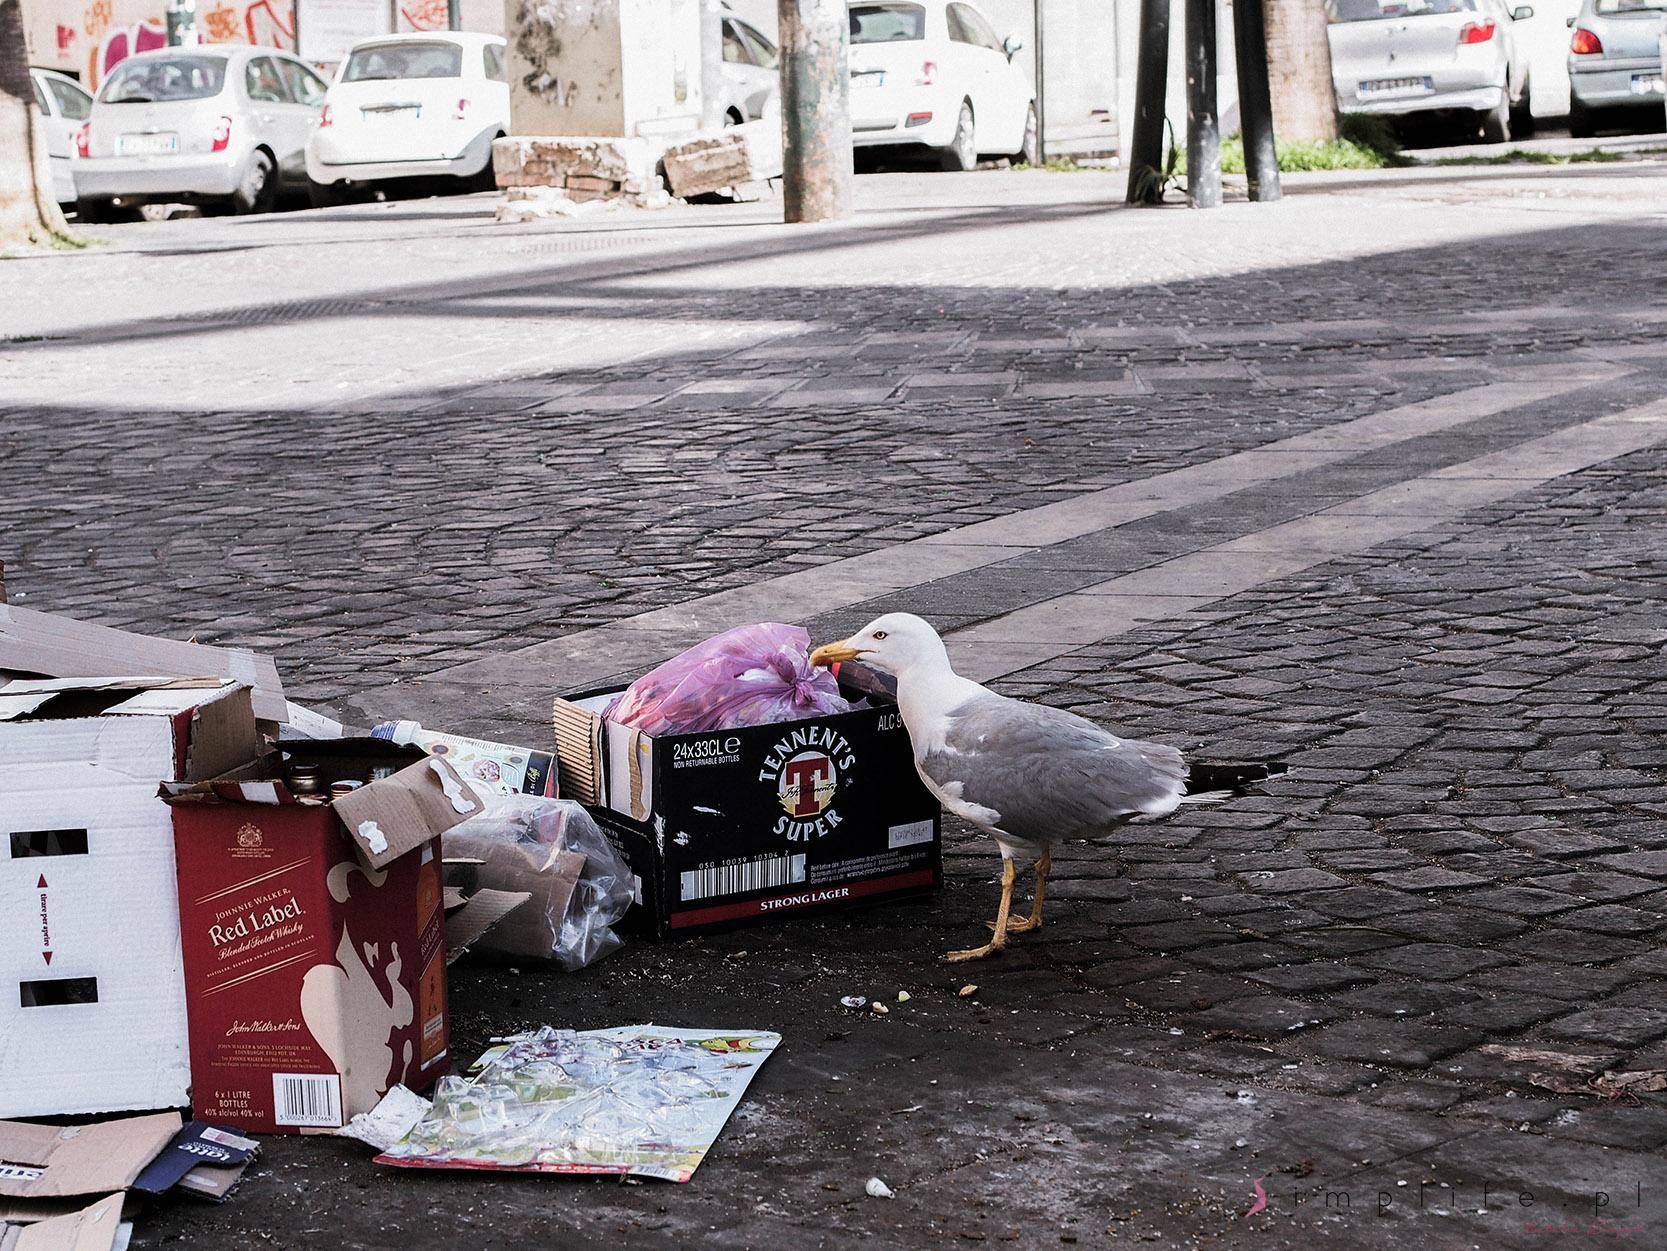 neapol-śmieci-mewa